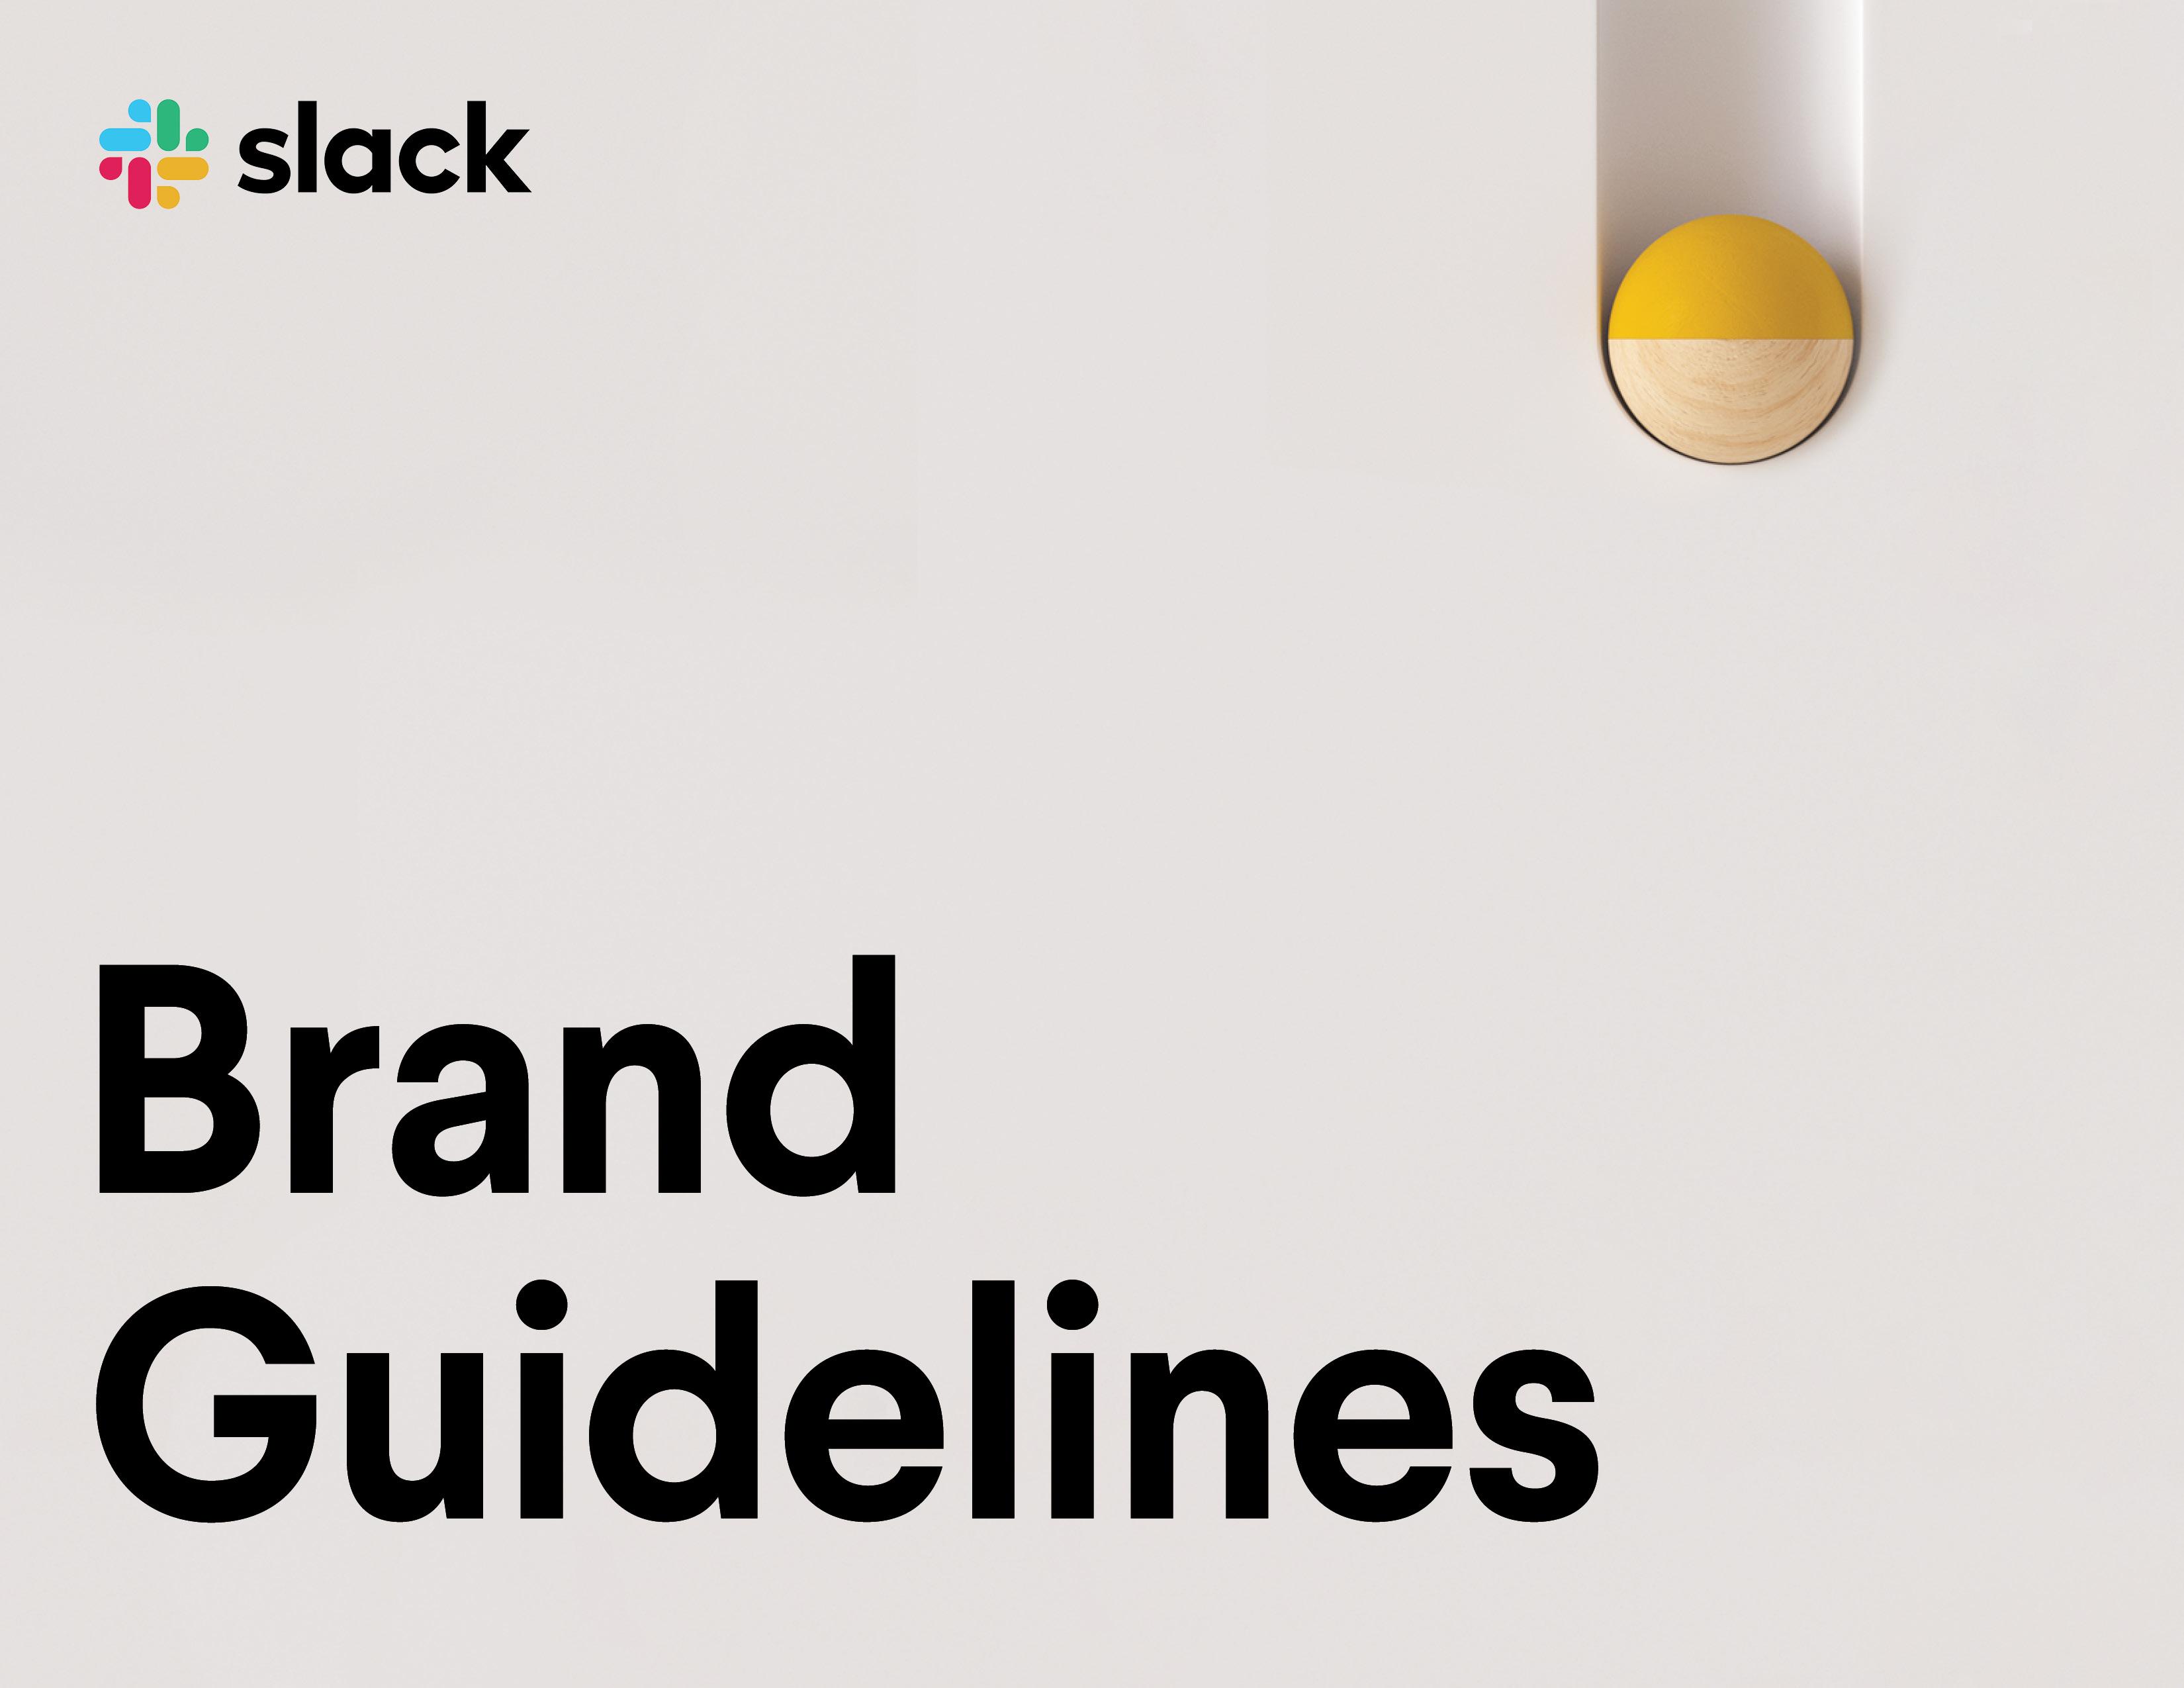 Slack Brand Guidelines